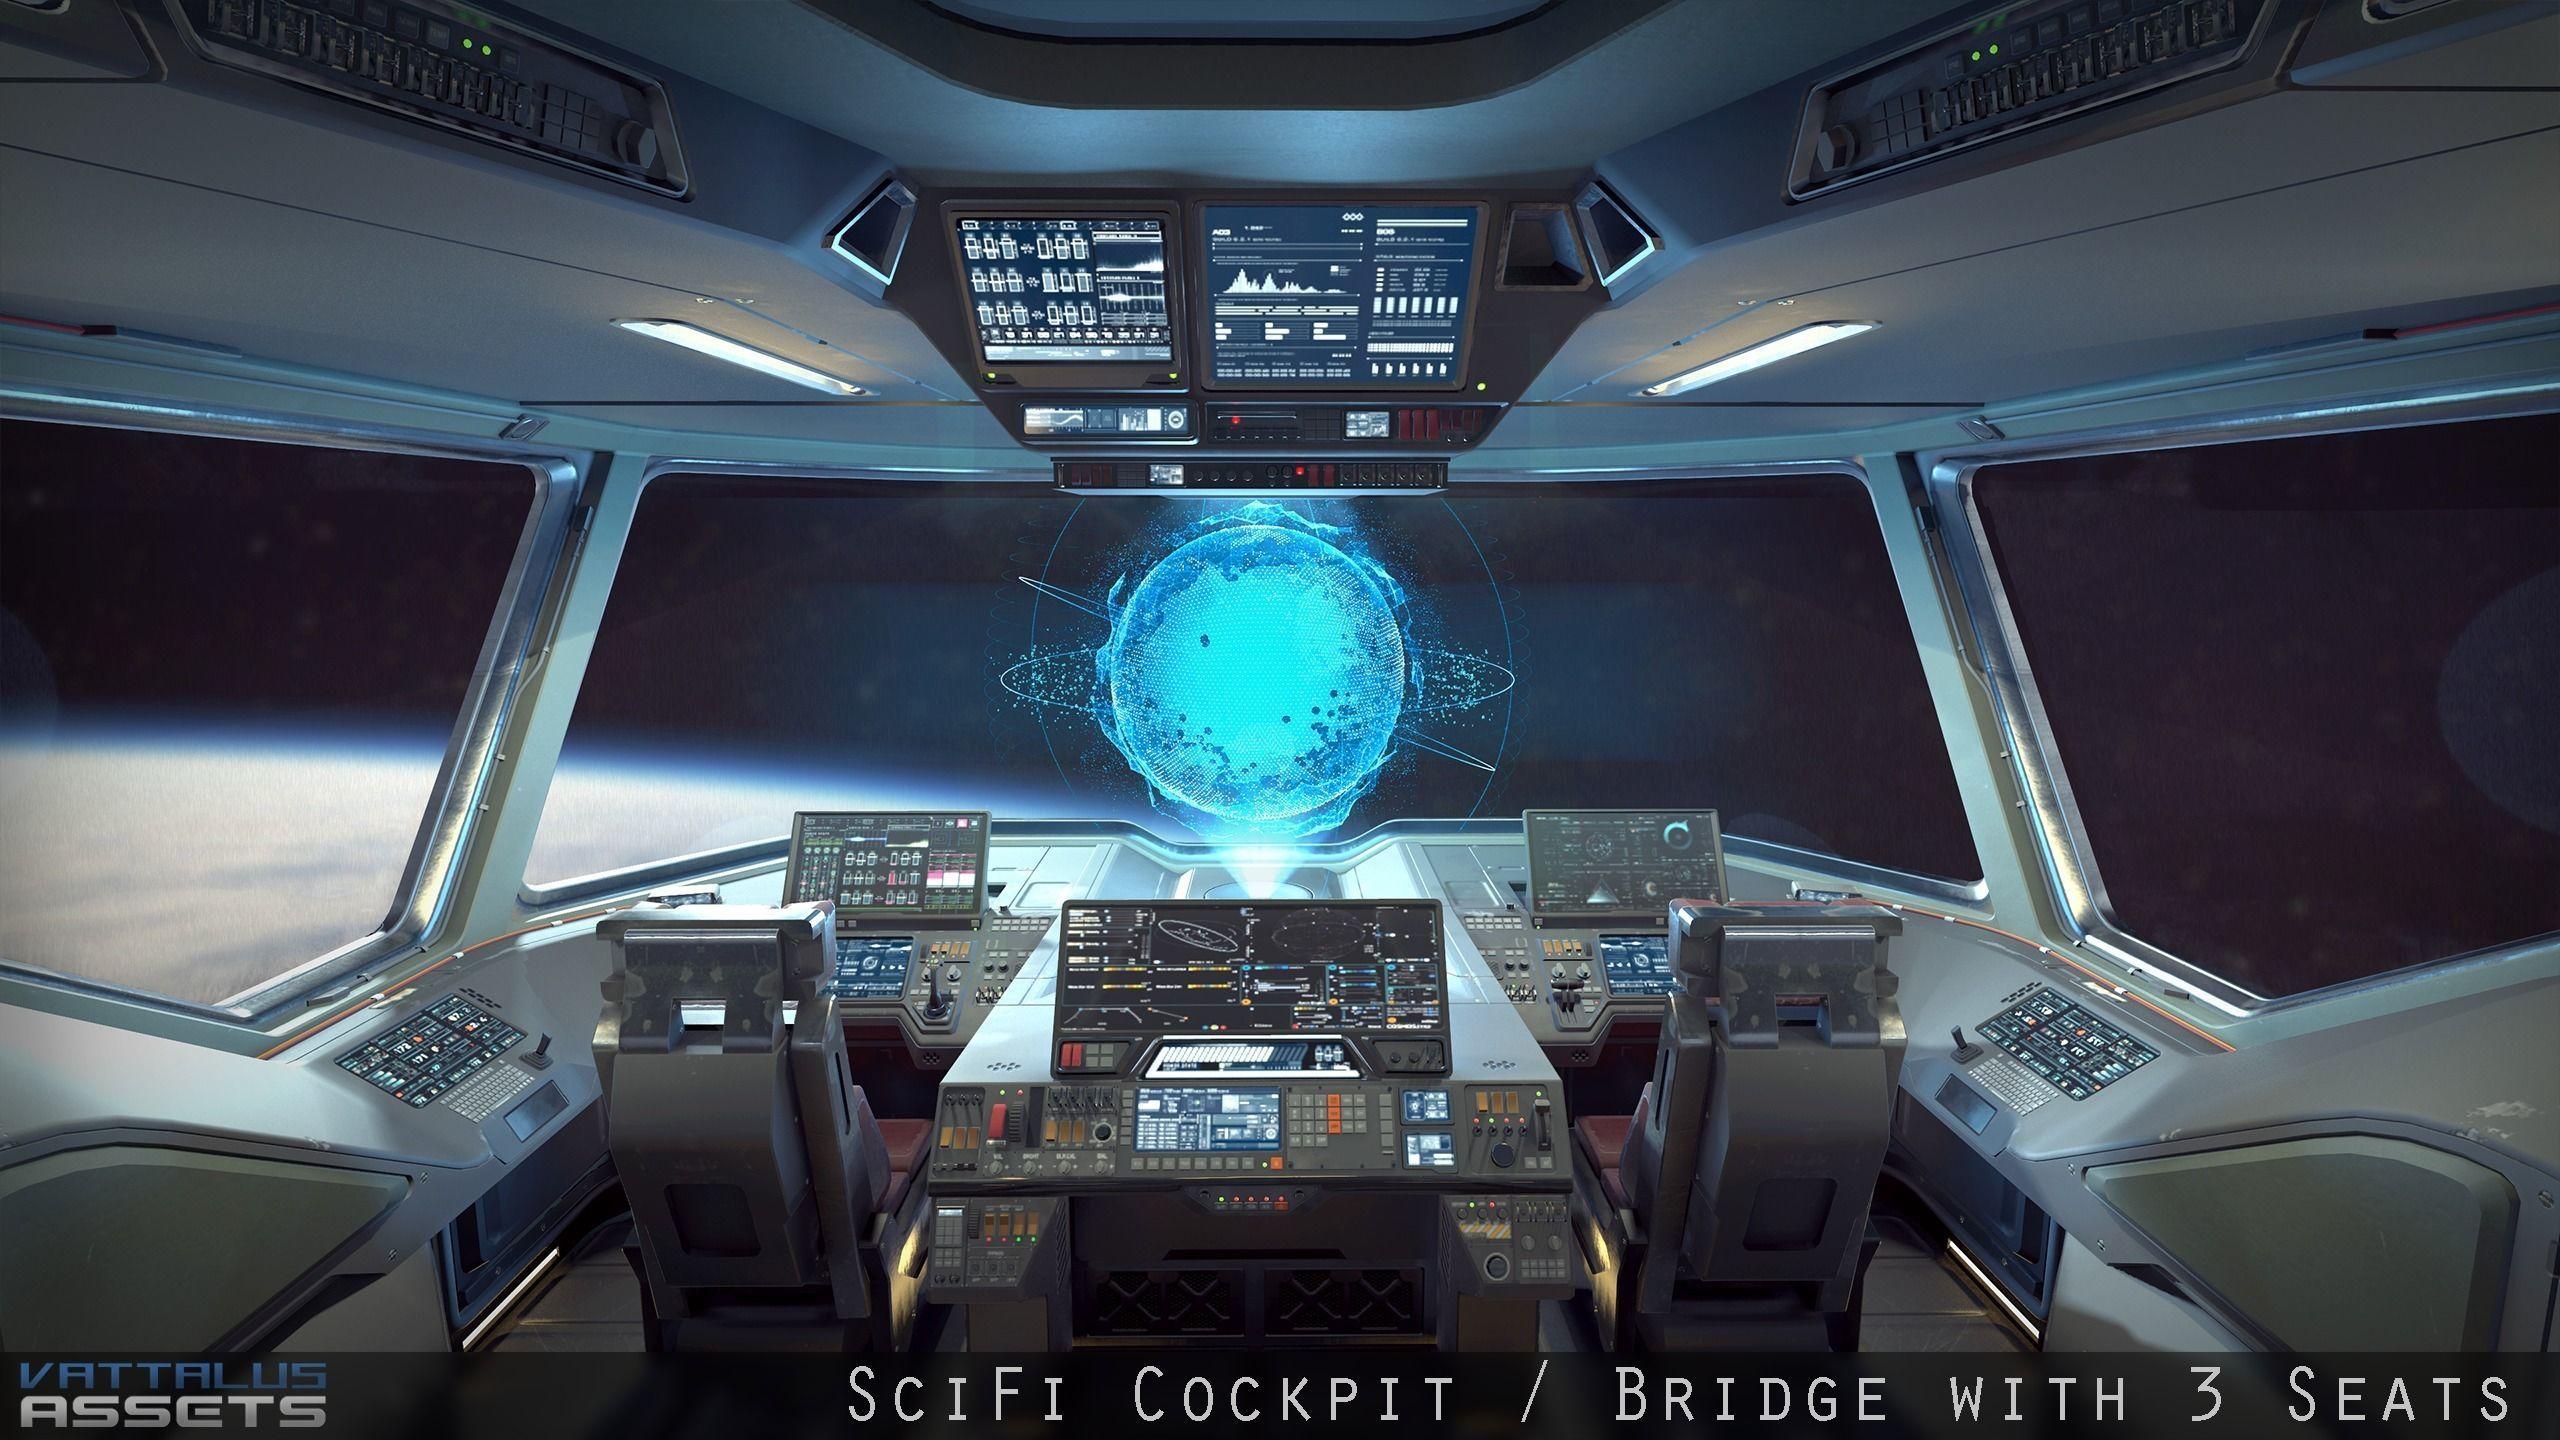 Sci Fi Fighter Cockpit Bridge 6